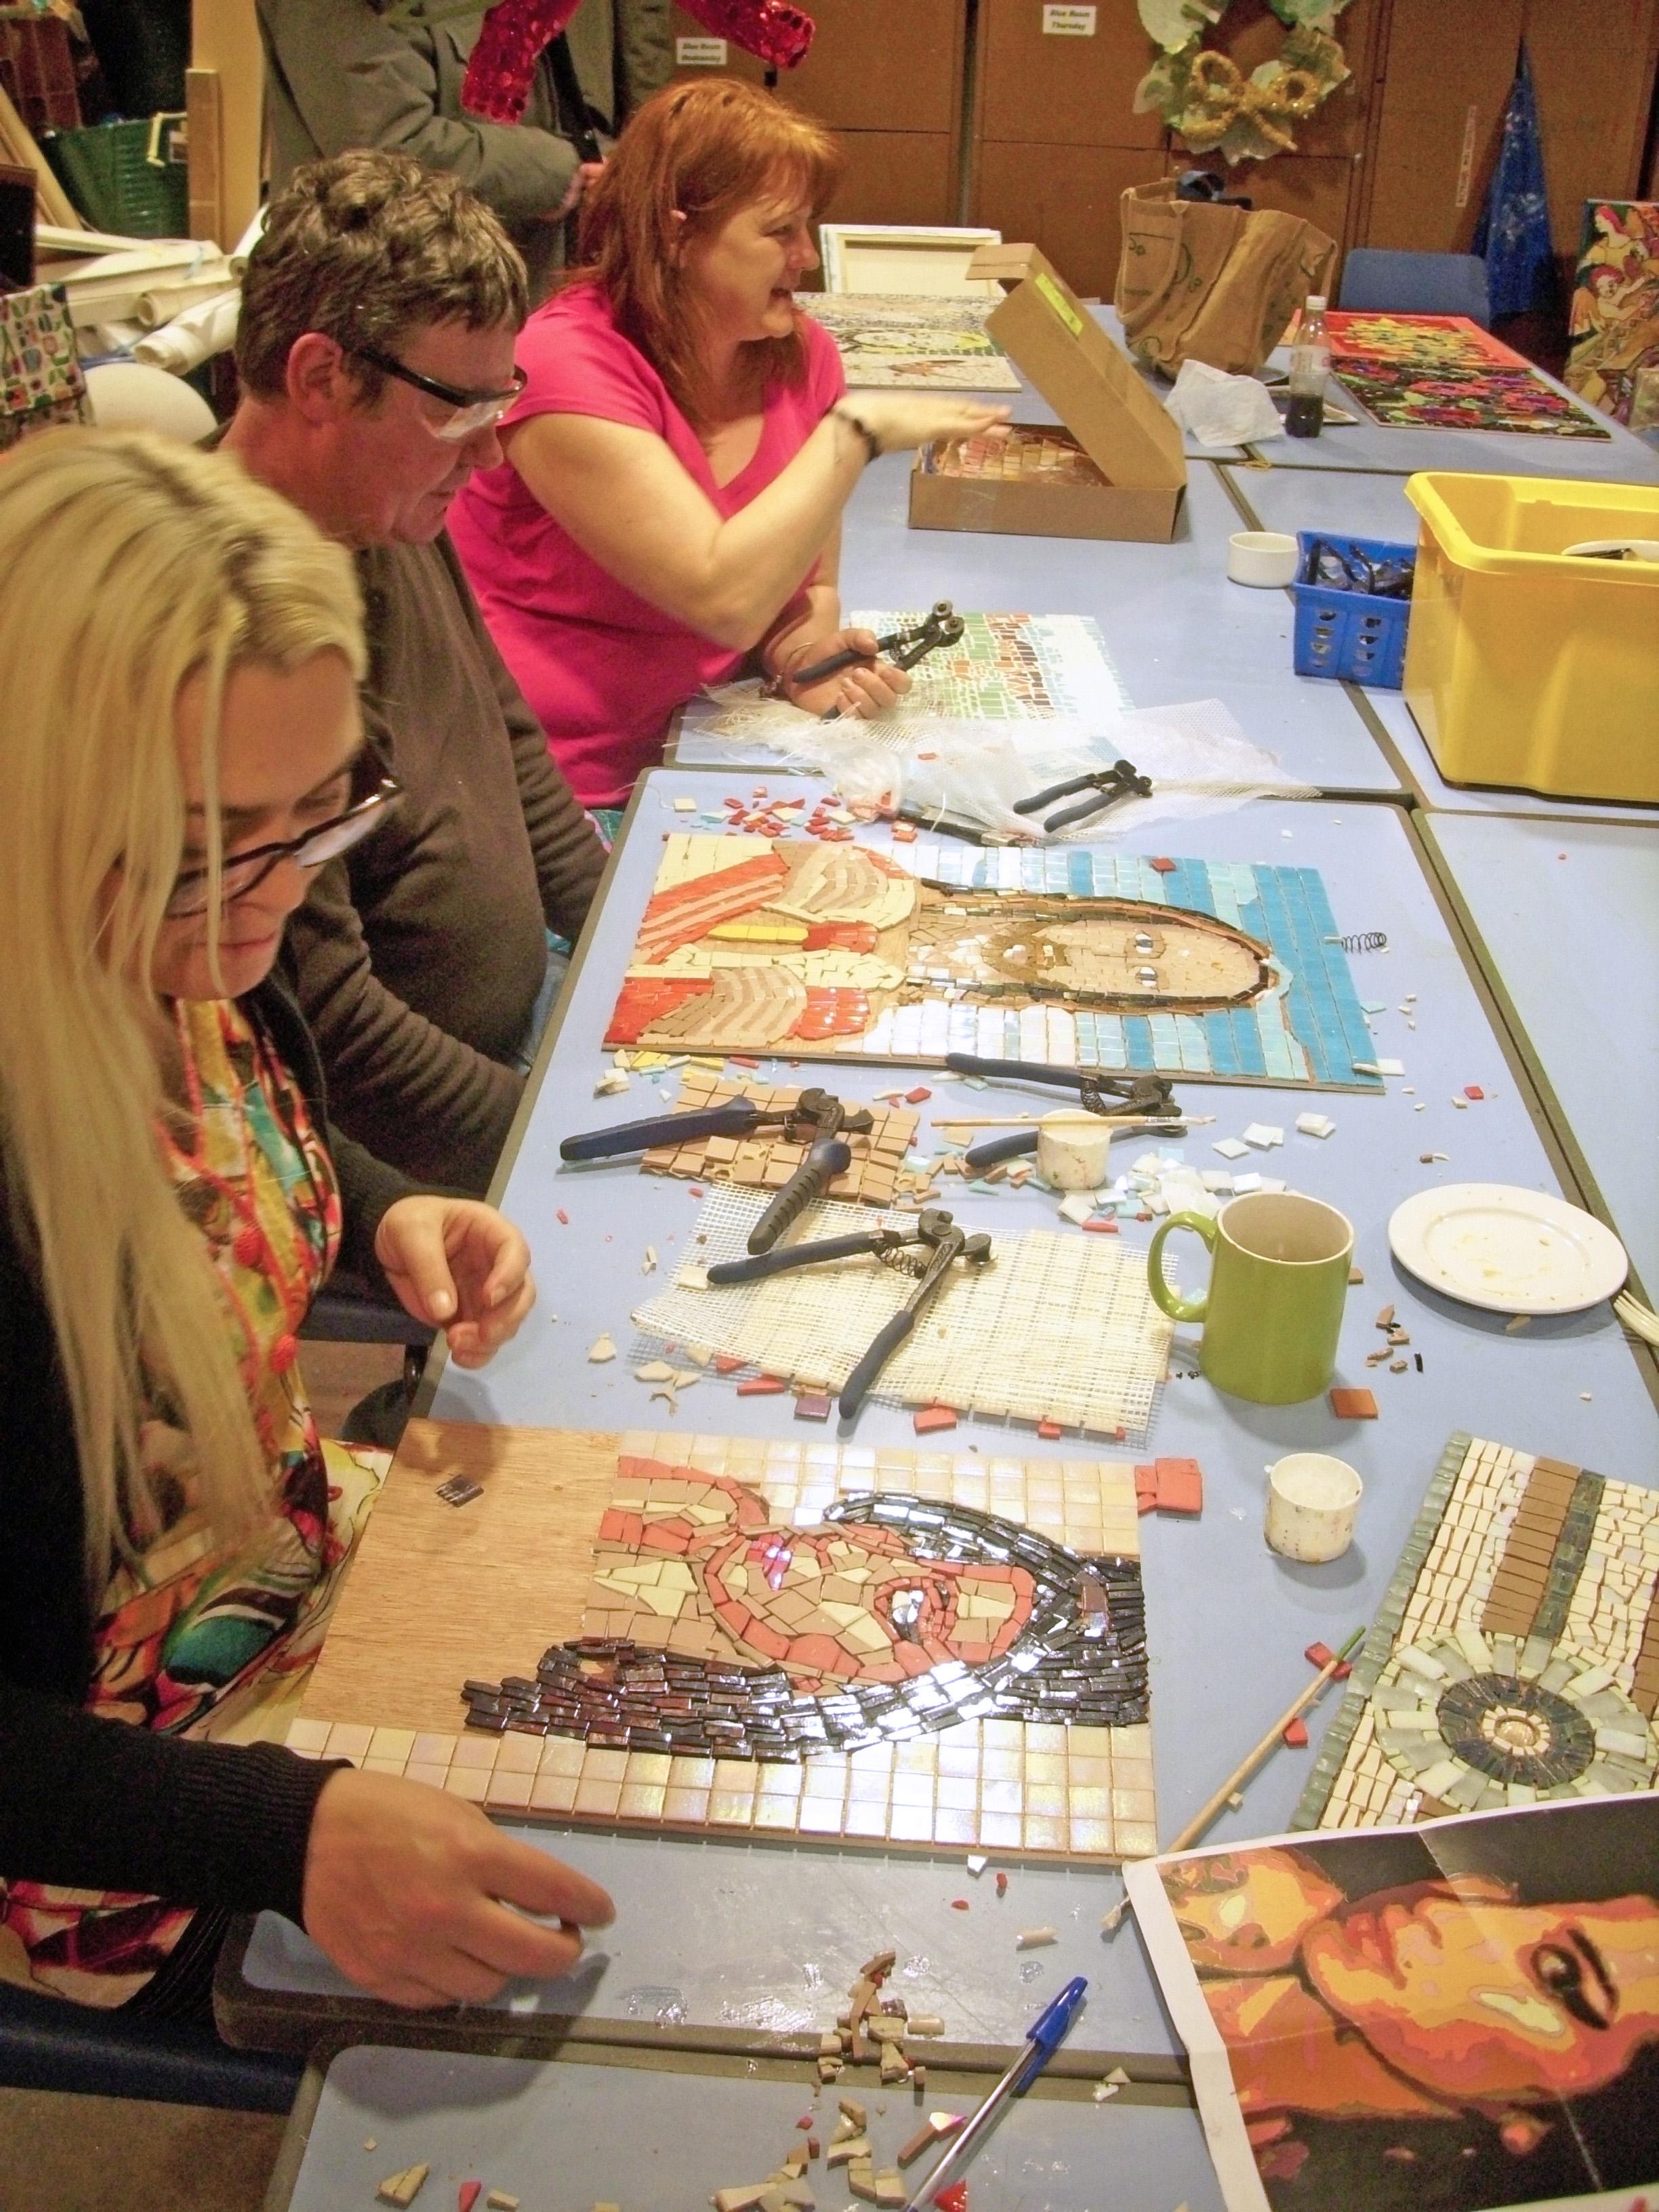 Mosaic Workshops @ the Bluecoat